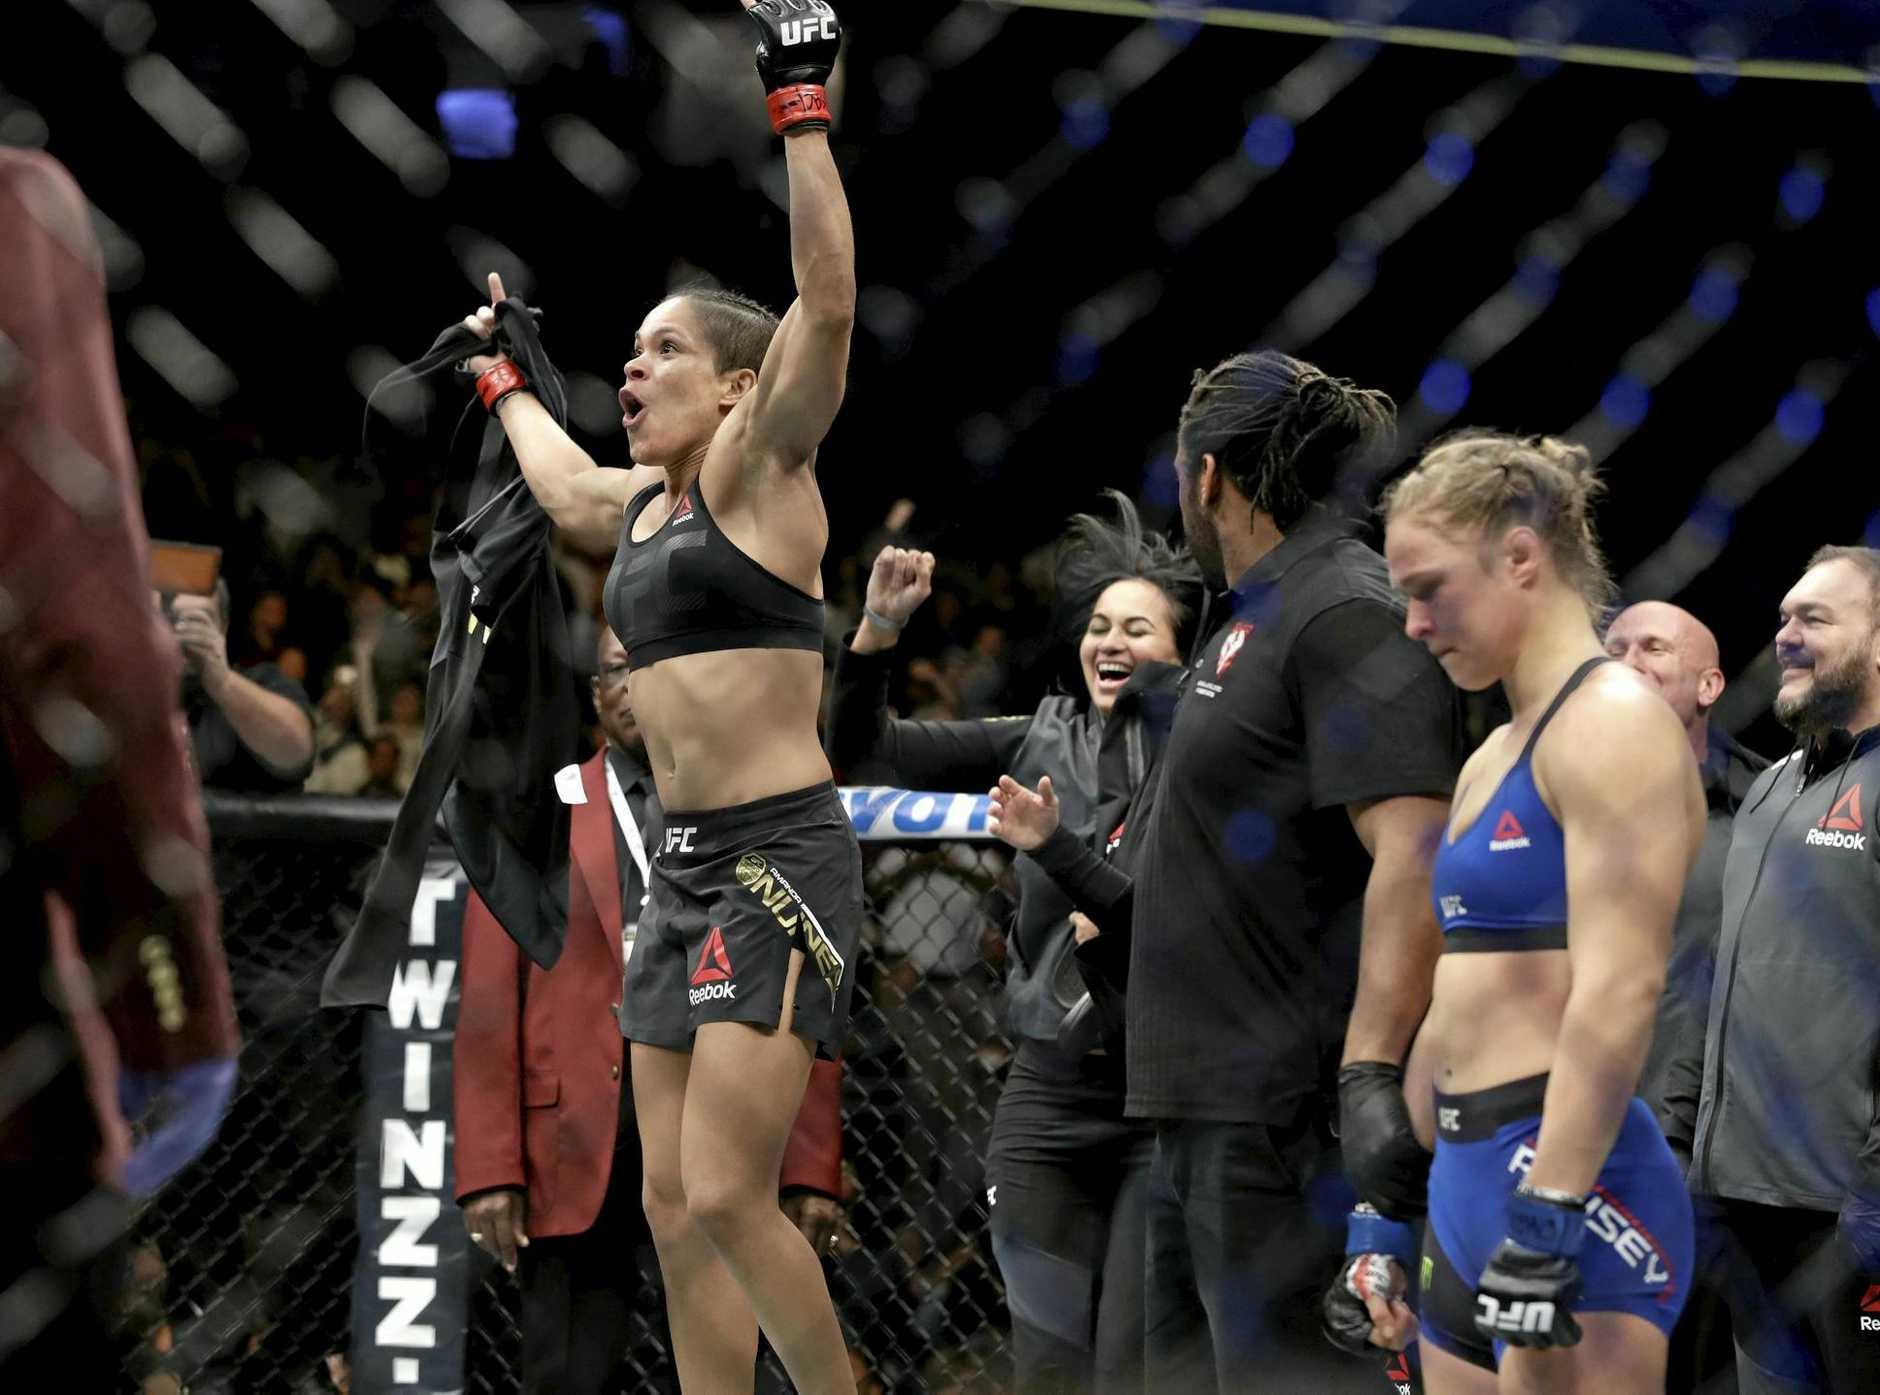 Amanda Nunes celebrates after defeating Ronda Rousey.